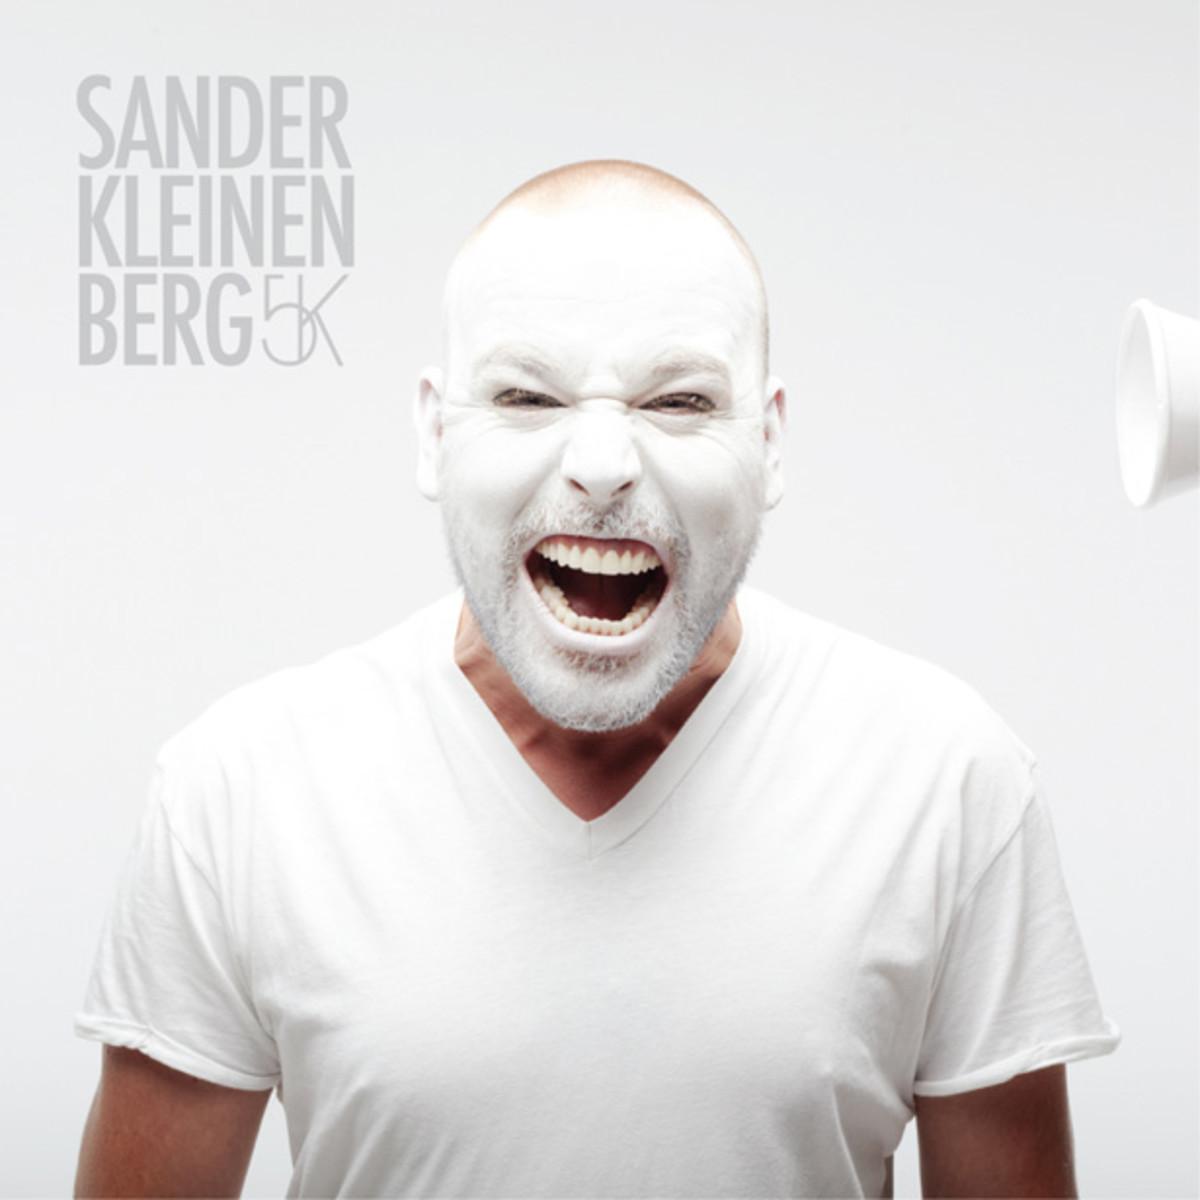 Sander.K.5K